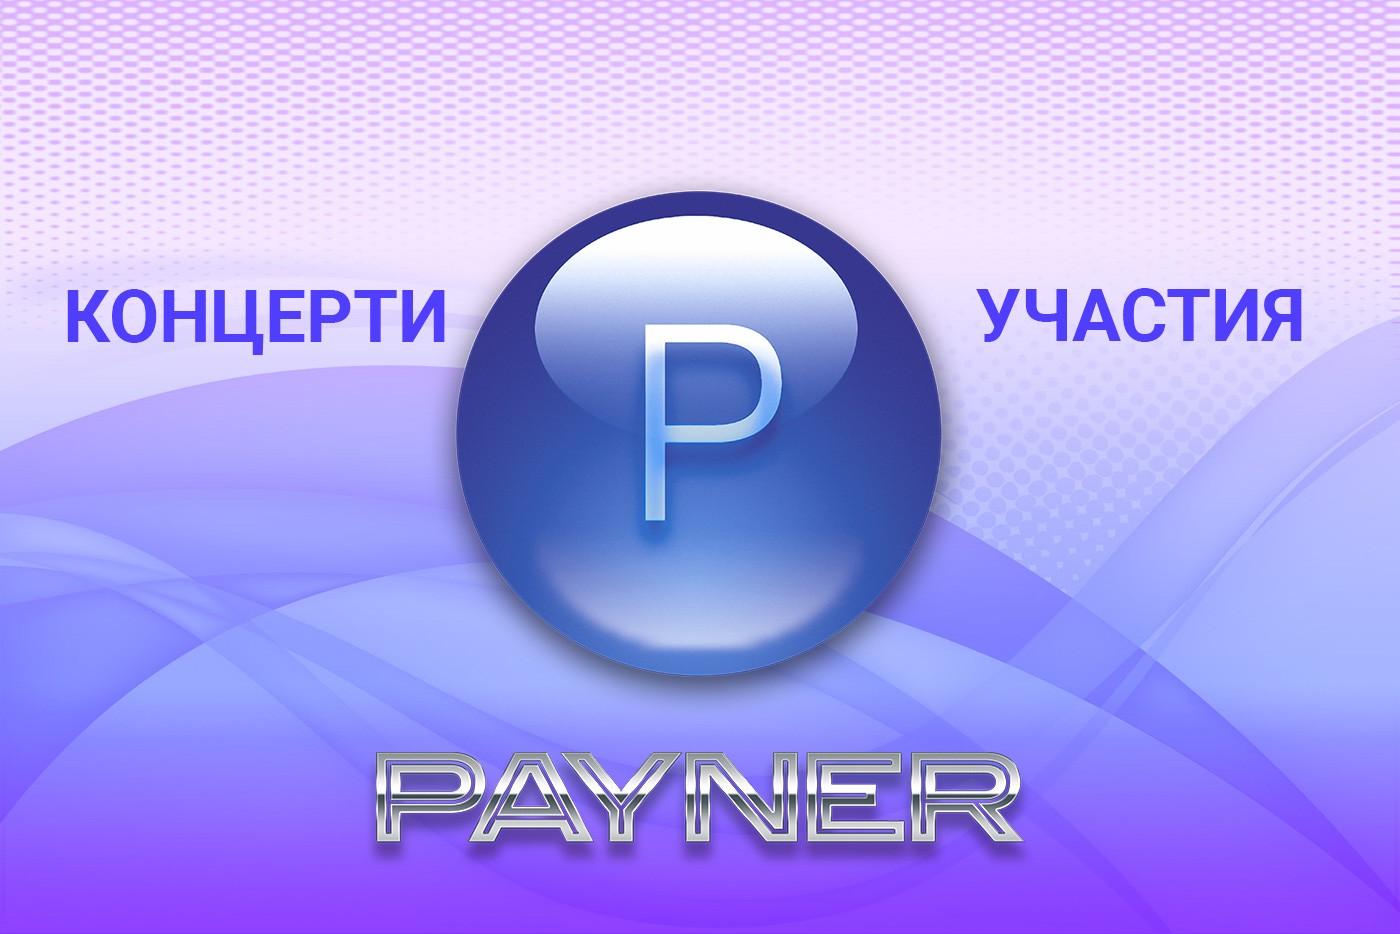 """Участия на звездите на """"Пайнер"""" на 10.04.2019"""